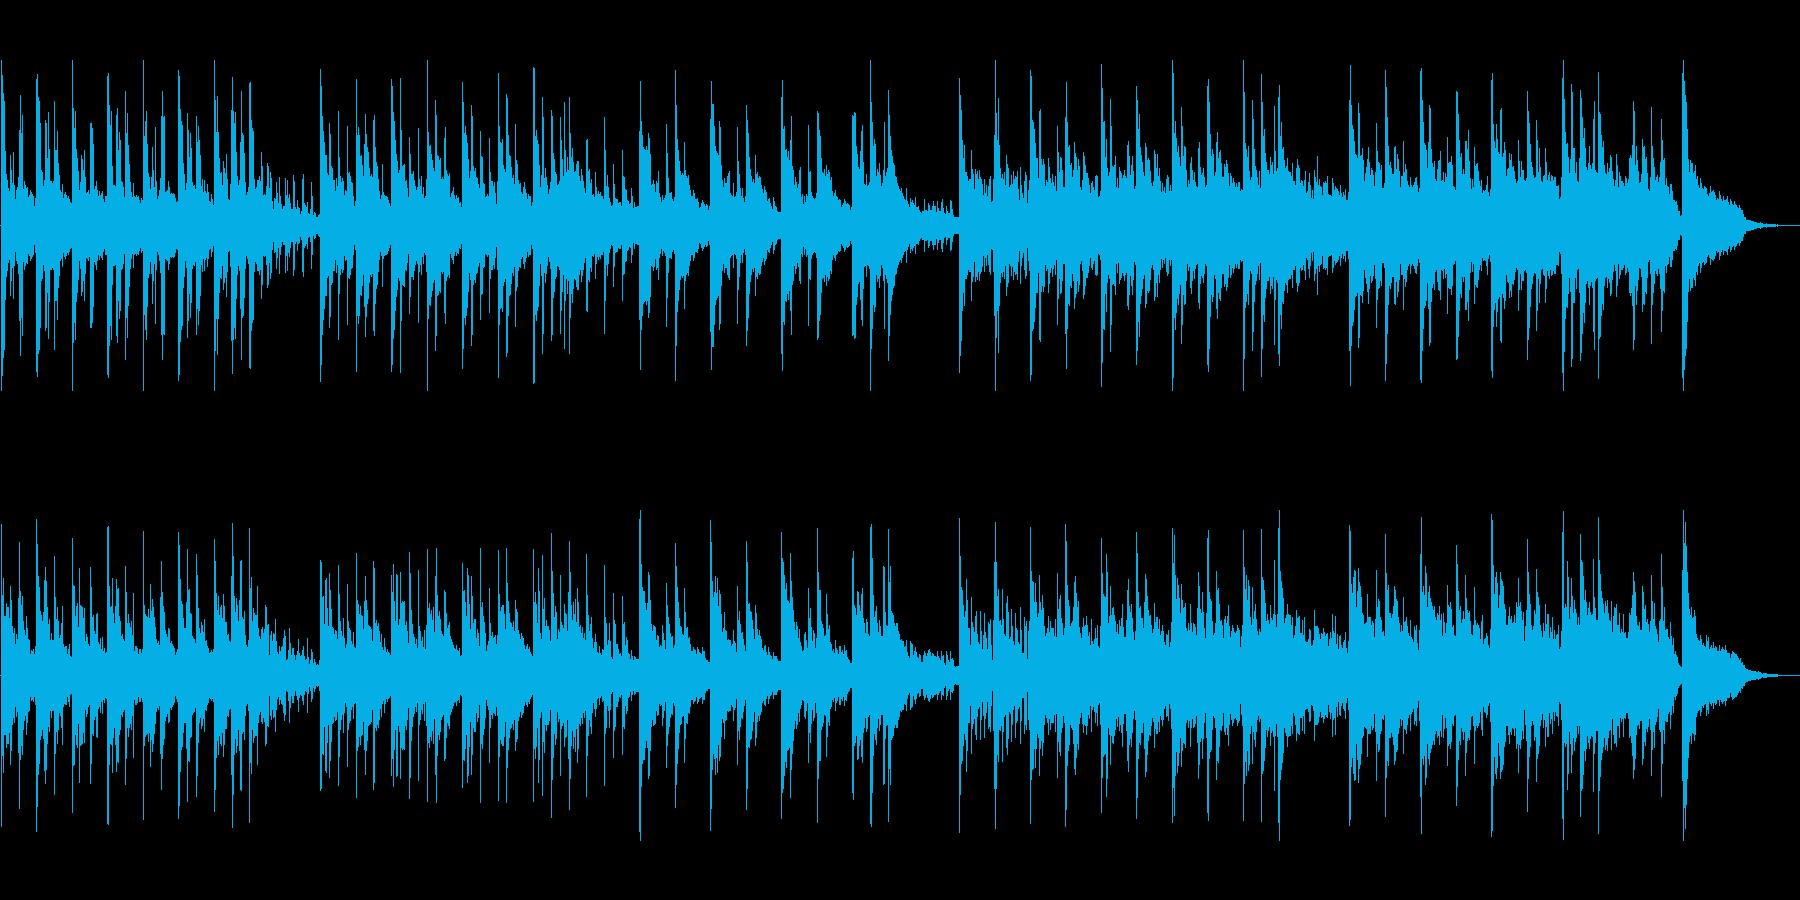 神秘と幻想を演出するセンチメンタルな音楽の再生済みの波形